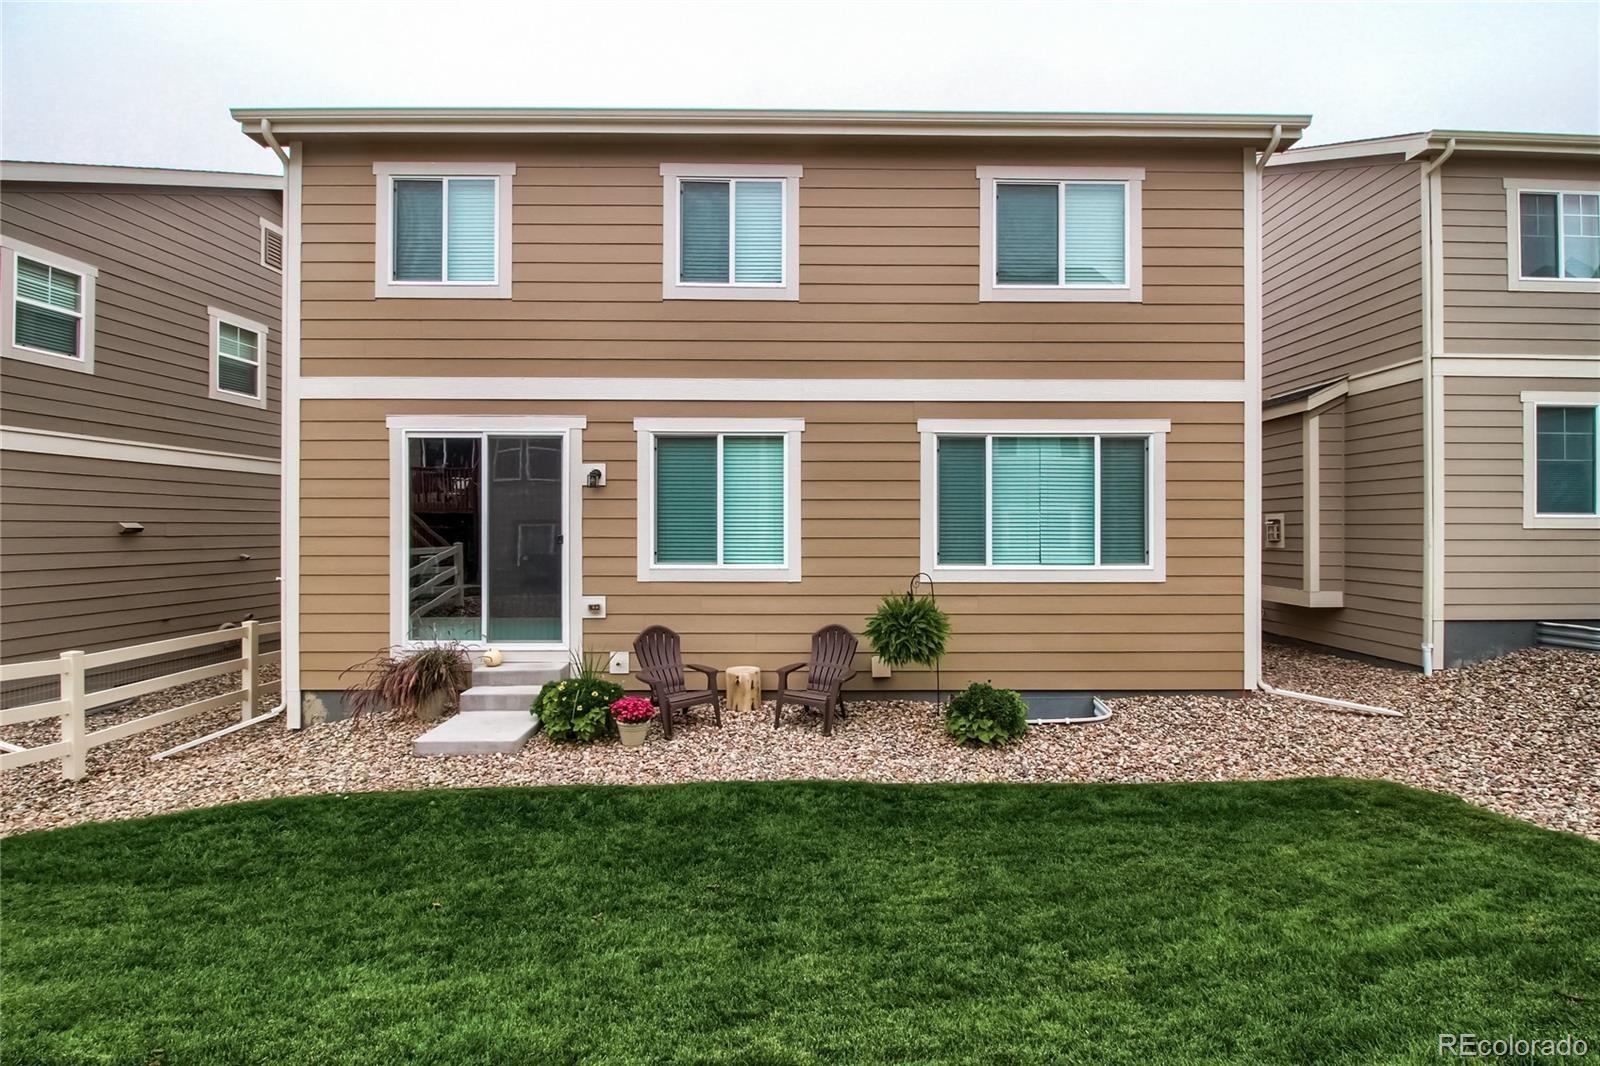 MLS# 4625079 - 23 - 2705 Garganey Drive, Castle Rock, CO 80104